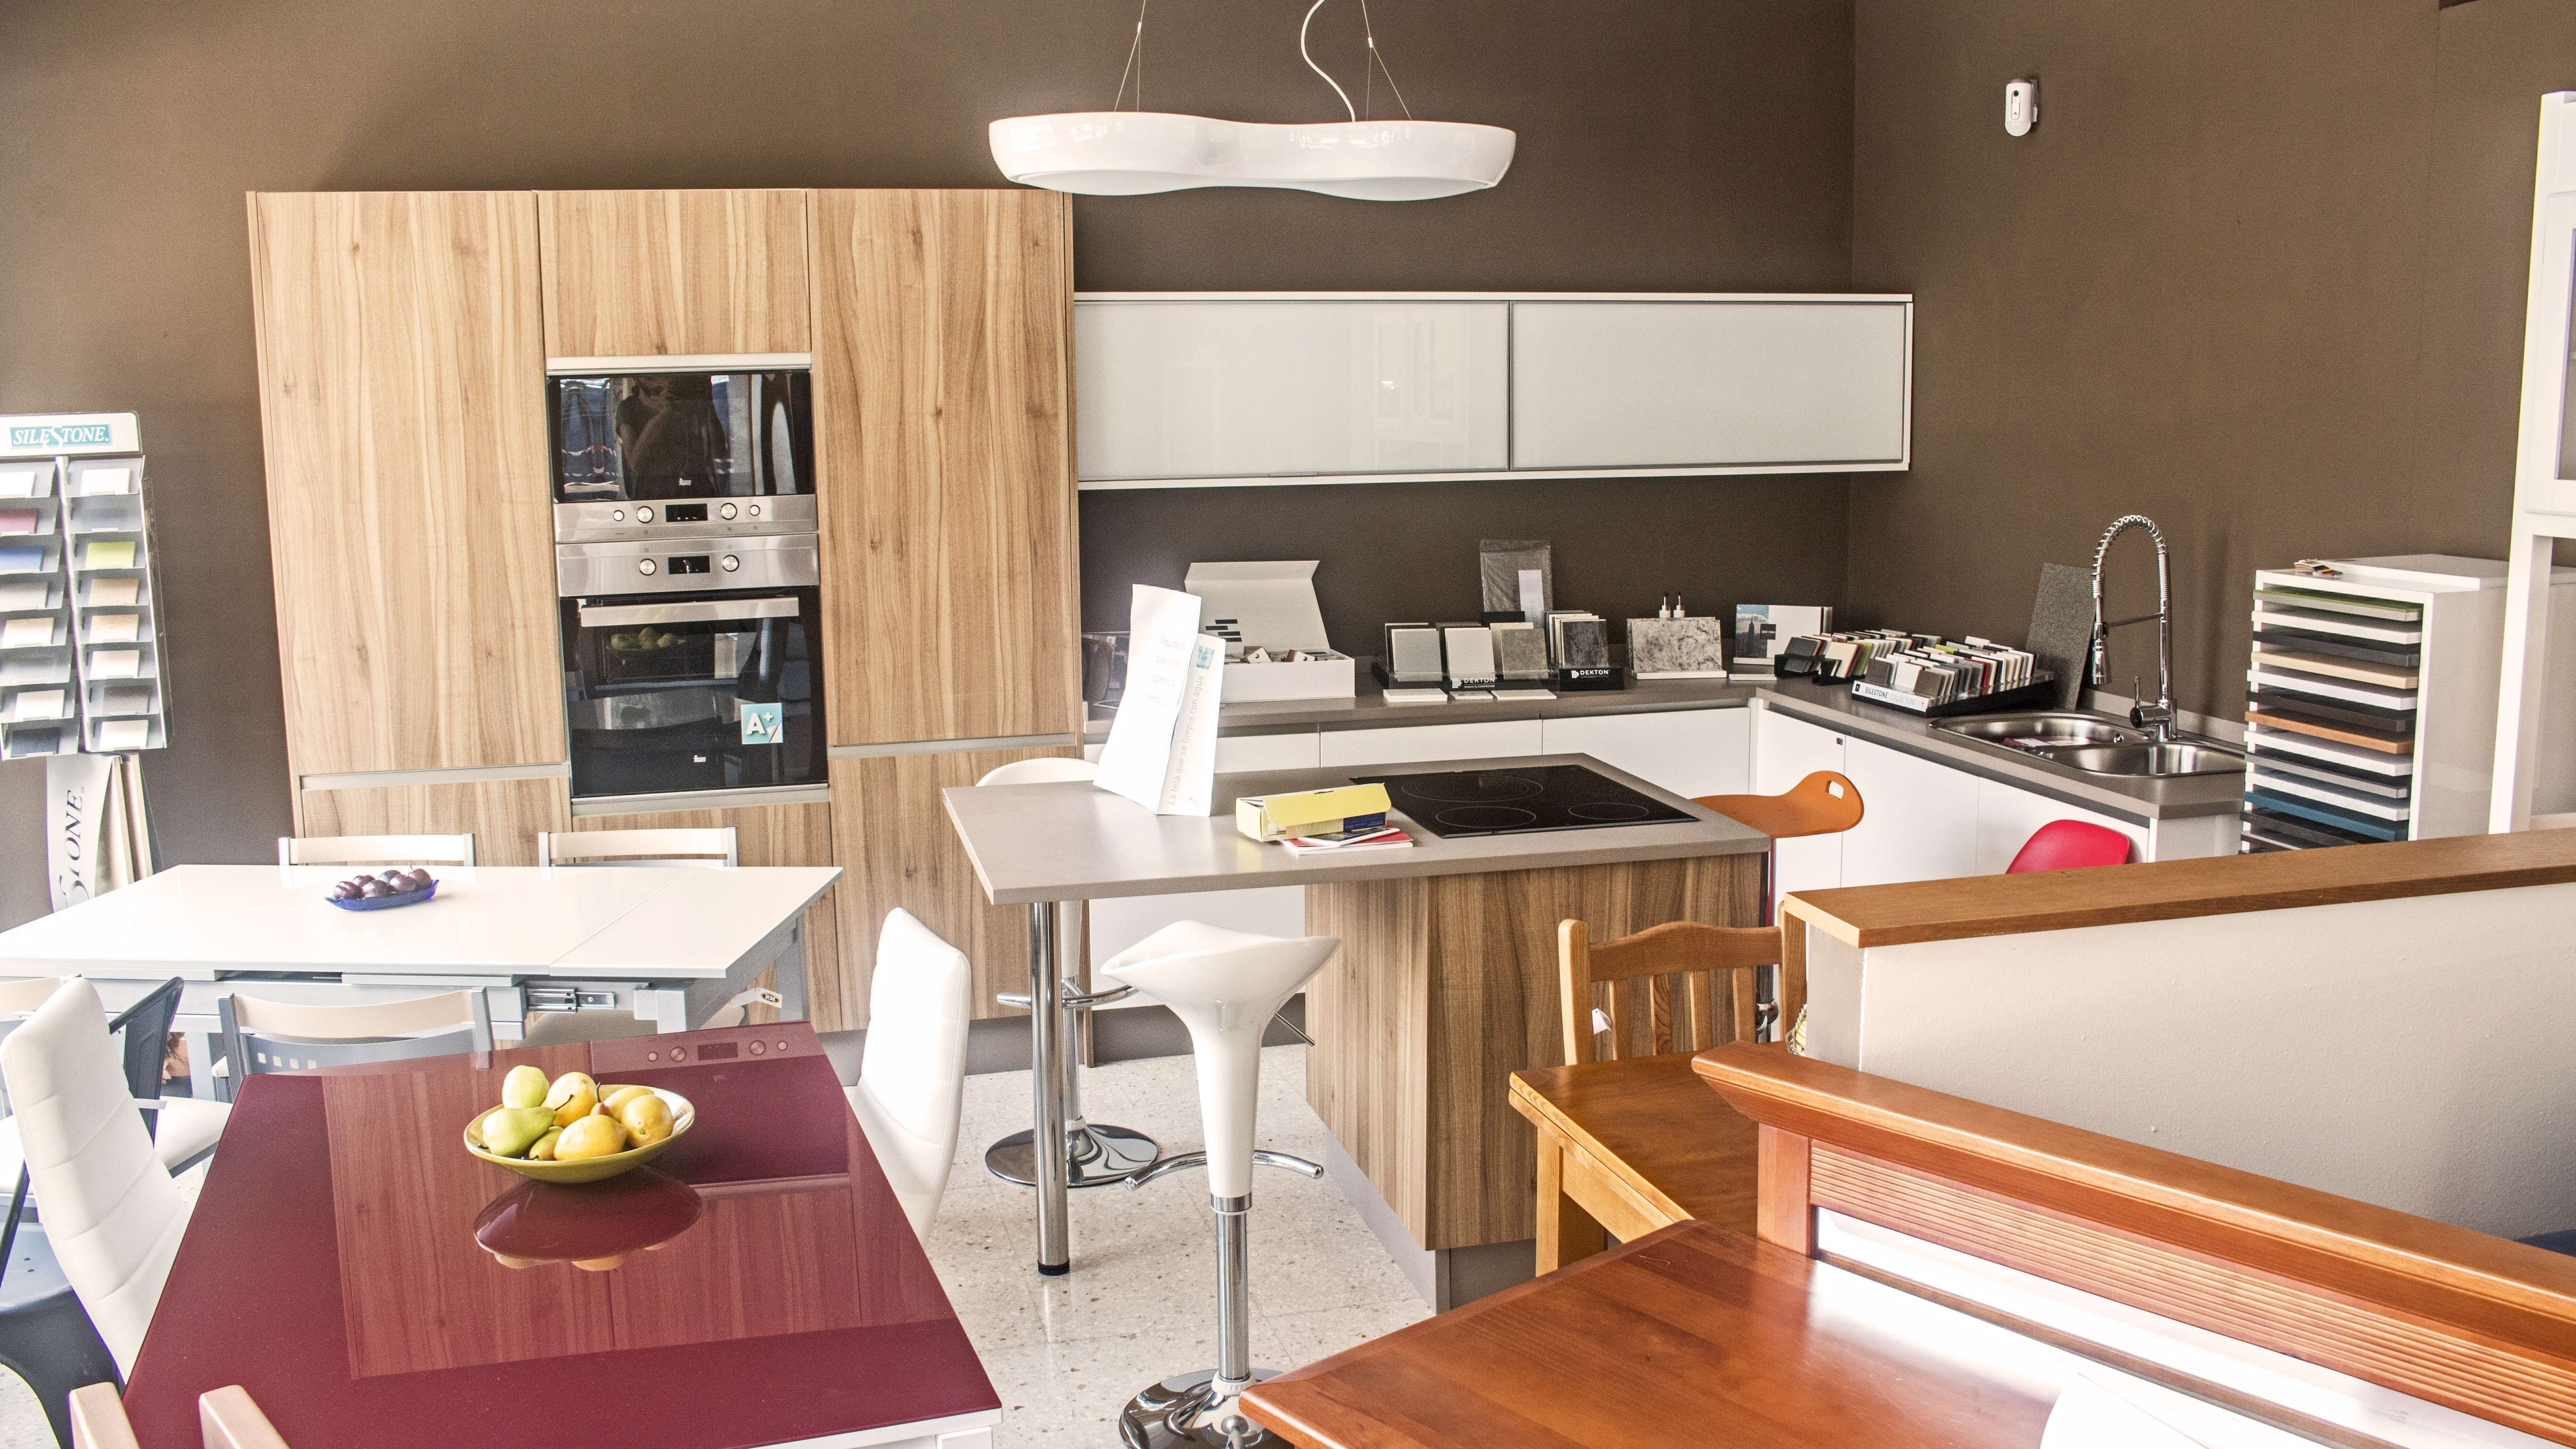 Muebles de cocina: Catálogo de Ribamueble